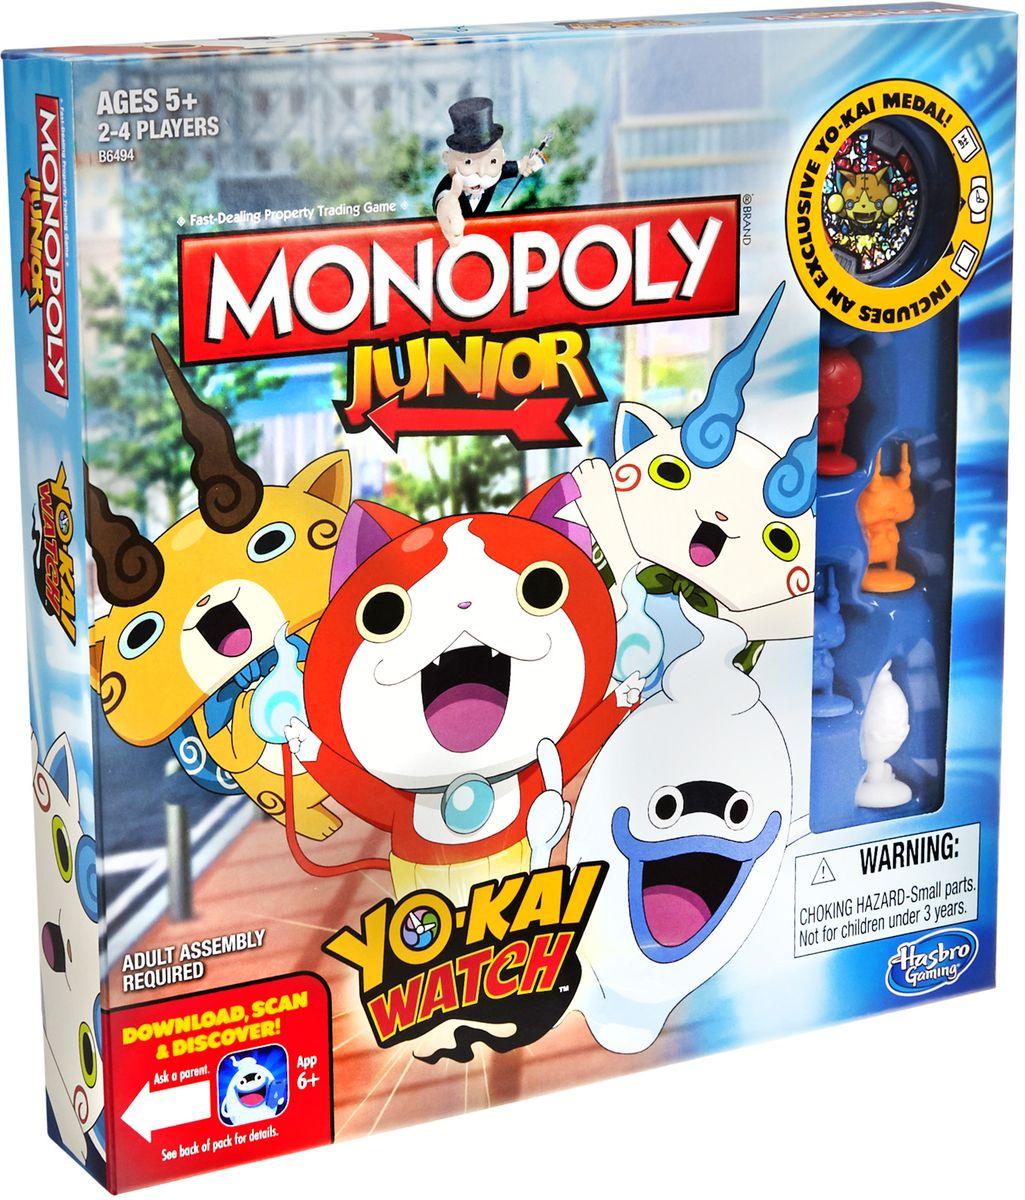 Monopoly Настольная игра Монополия Джуниор